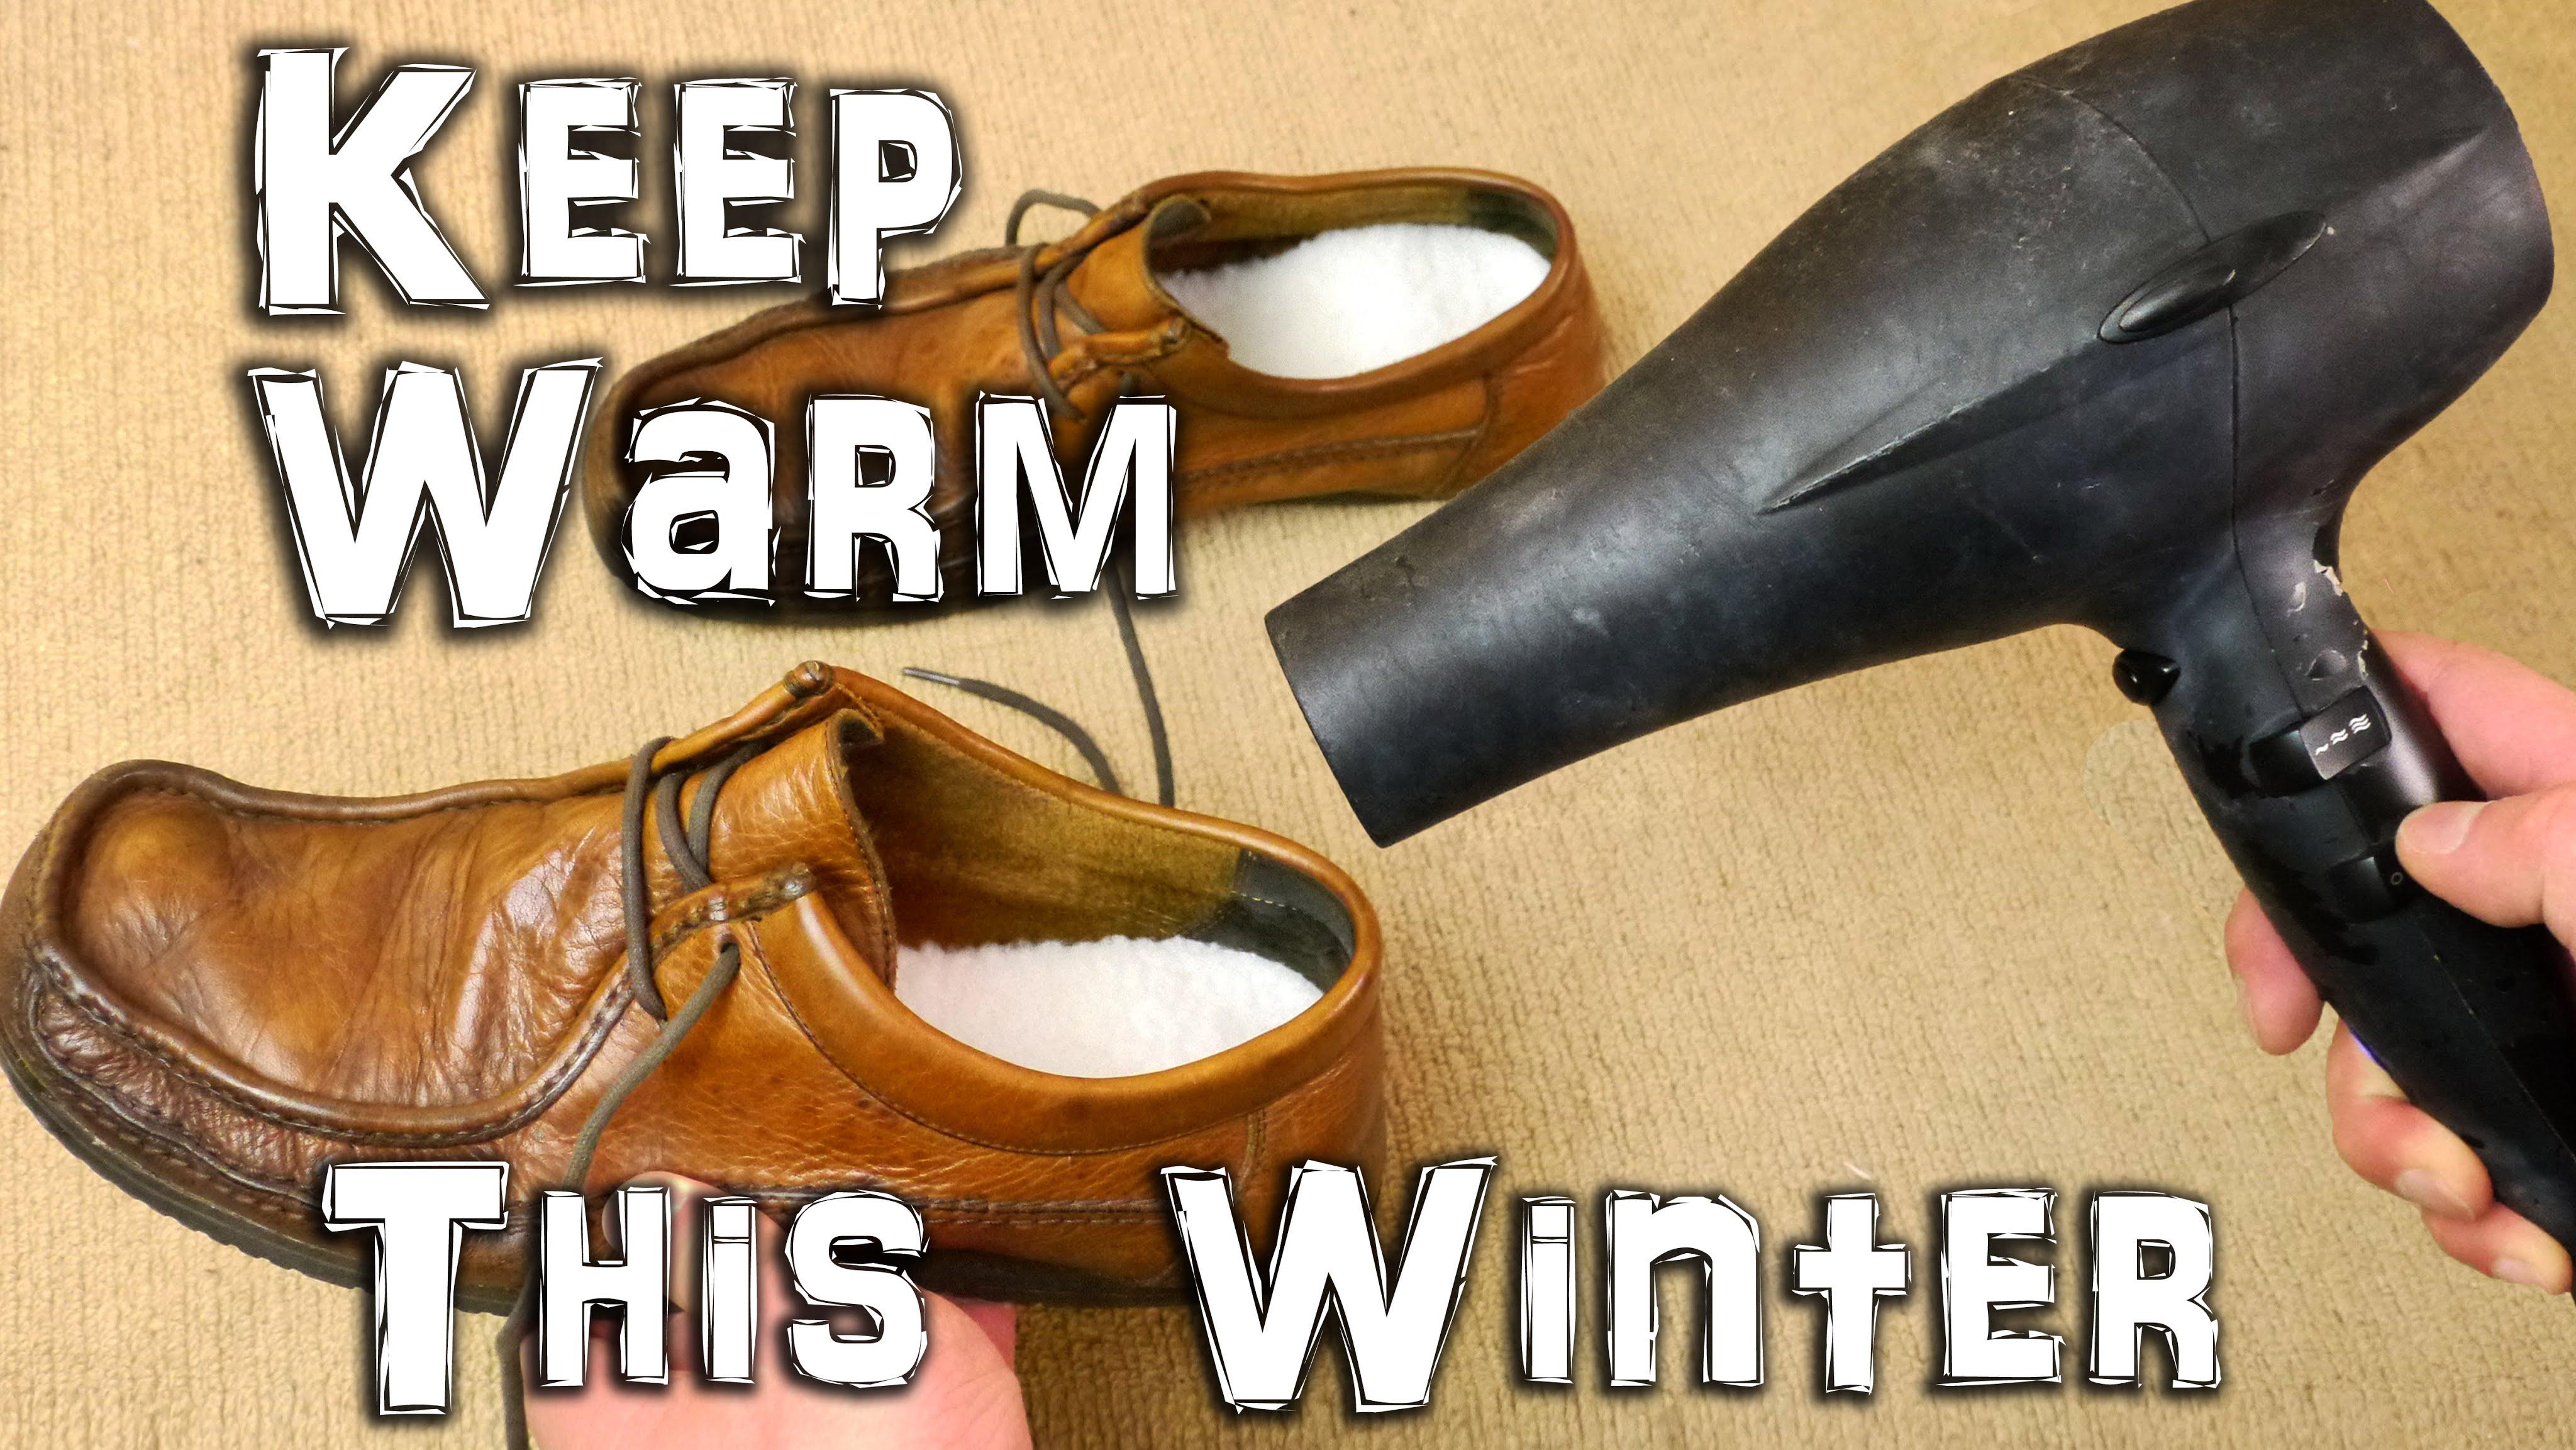 [DaveHax] Làm Thế Nào Để Giữ Ấm Qua Mùa Đông -- How To Keep Warm This Winter (Life hacks)